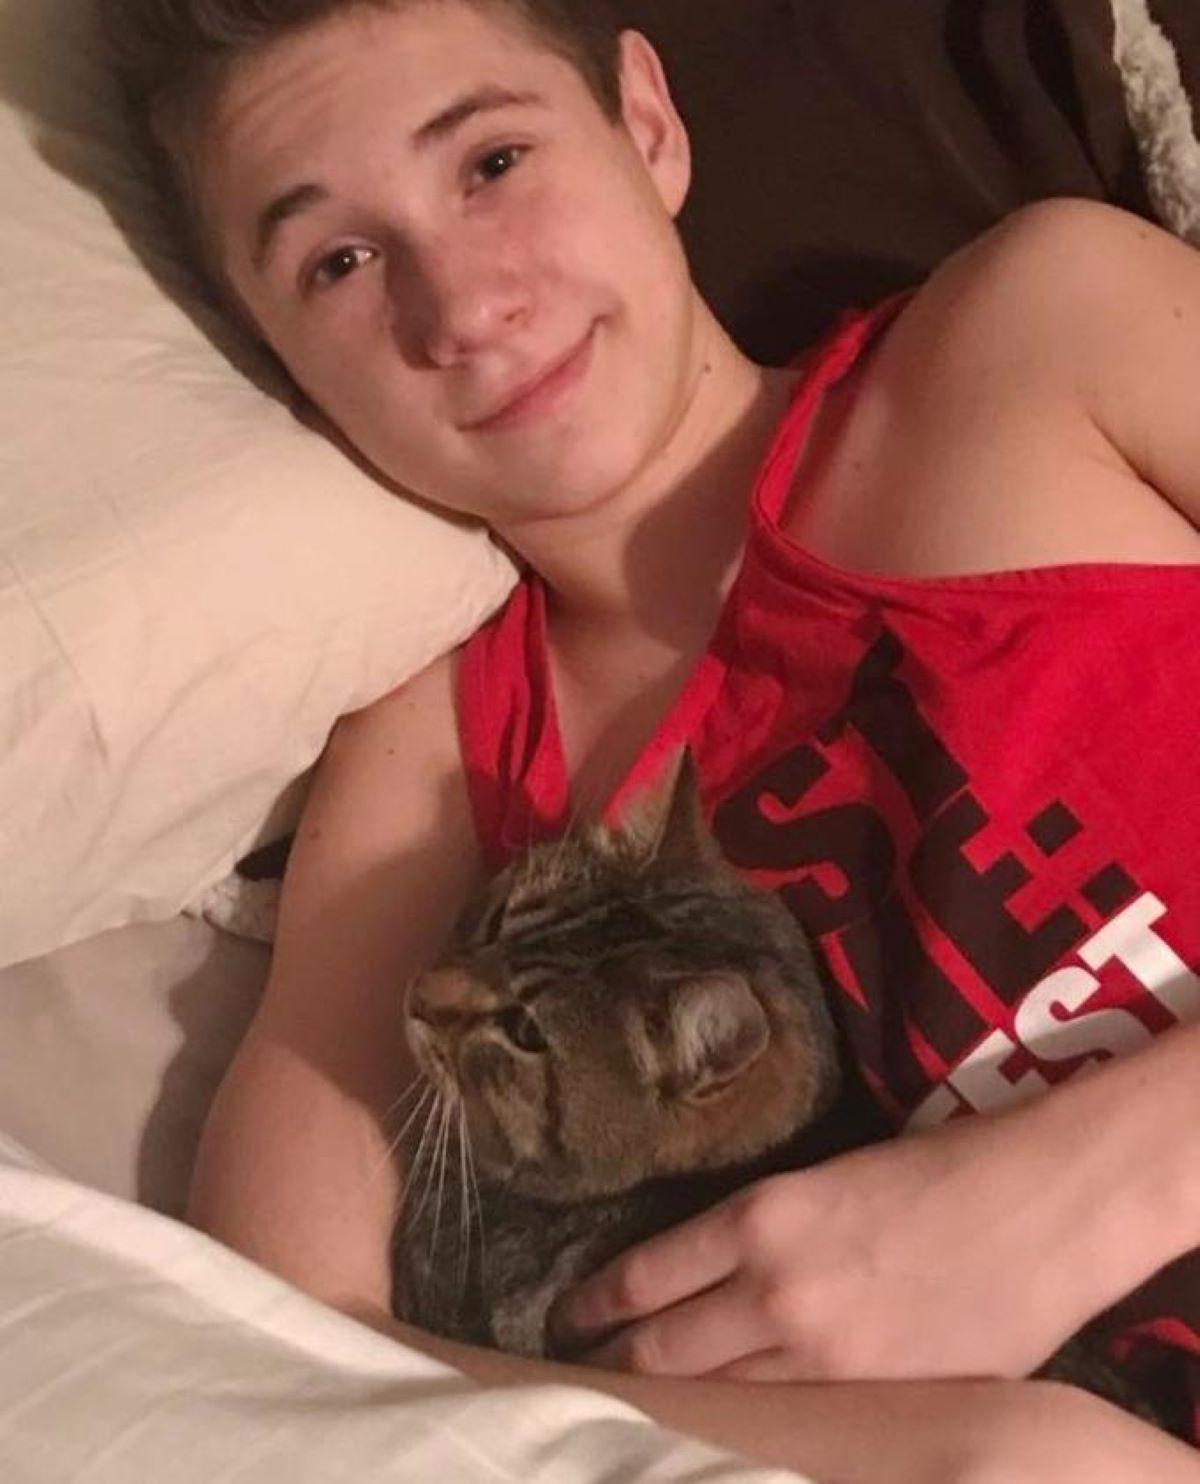 gatto-sul-letto-con-ragazzo